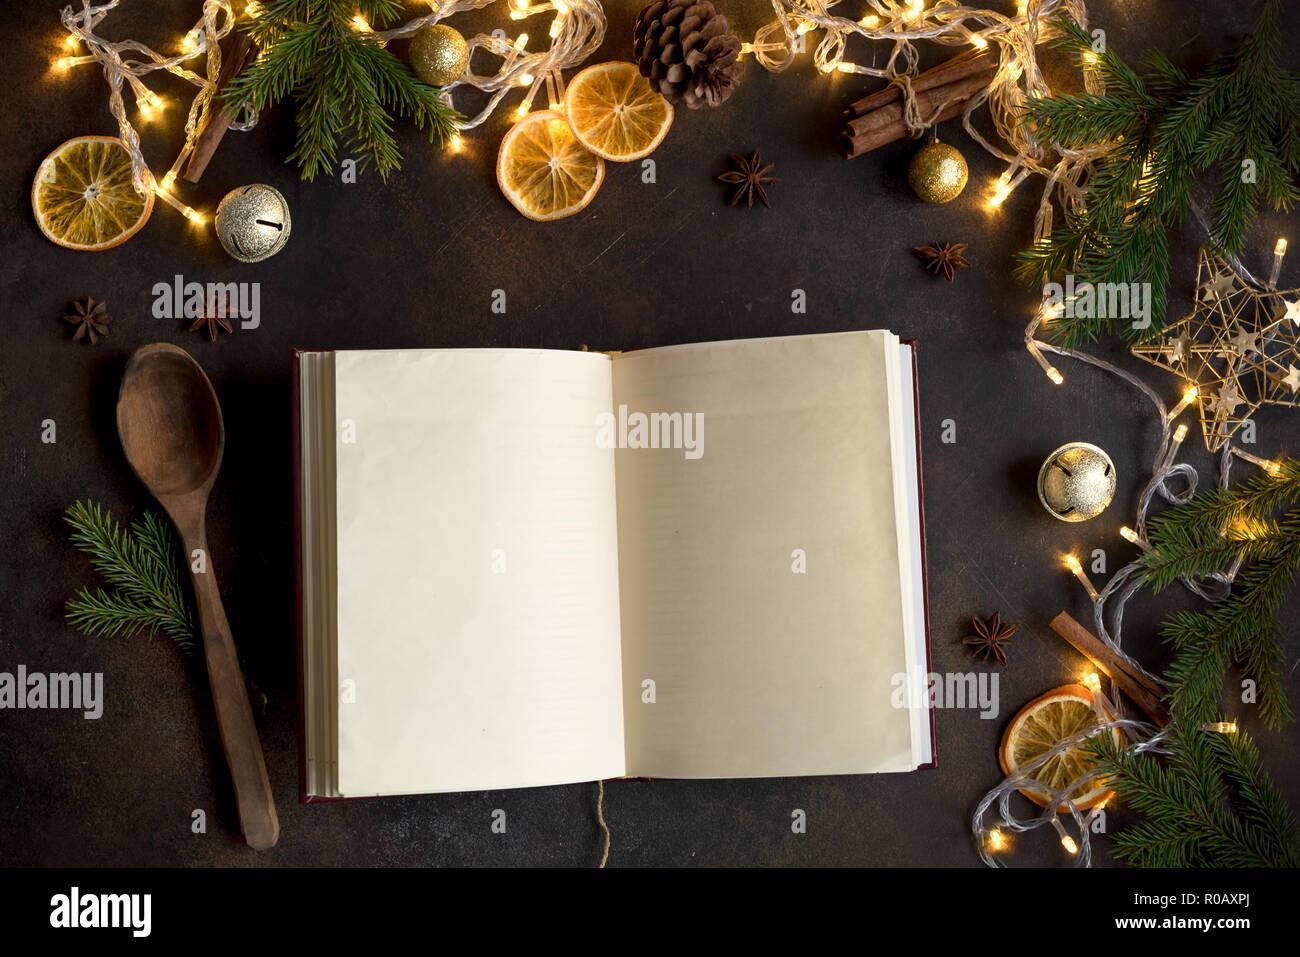 Menü Weihnachten.Weihnachten Kochbuch Oder Menü Auf Dunklen Tisch Leere Kochbuch